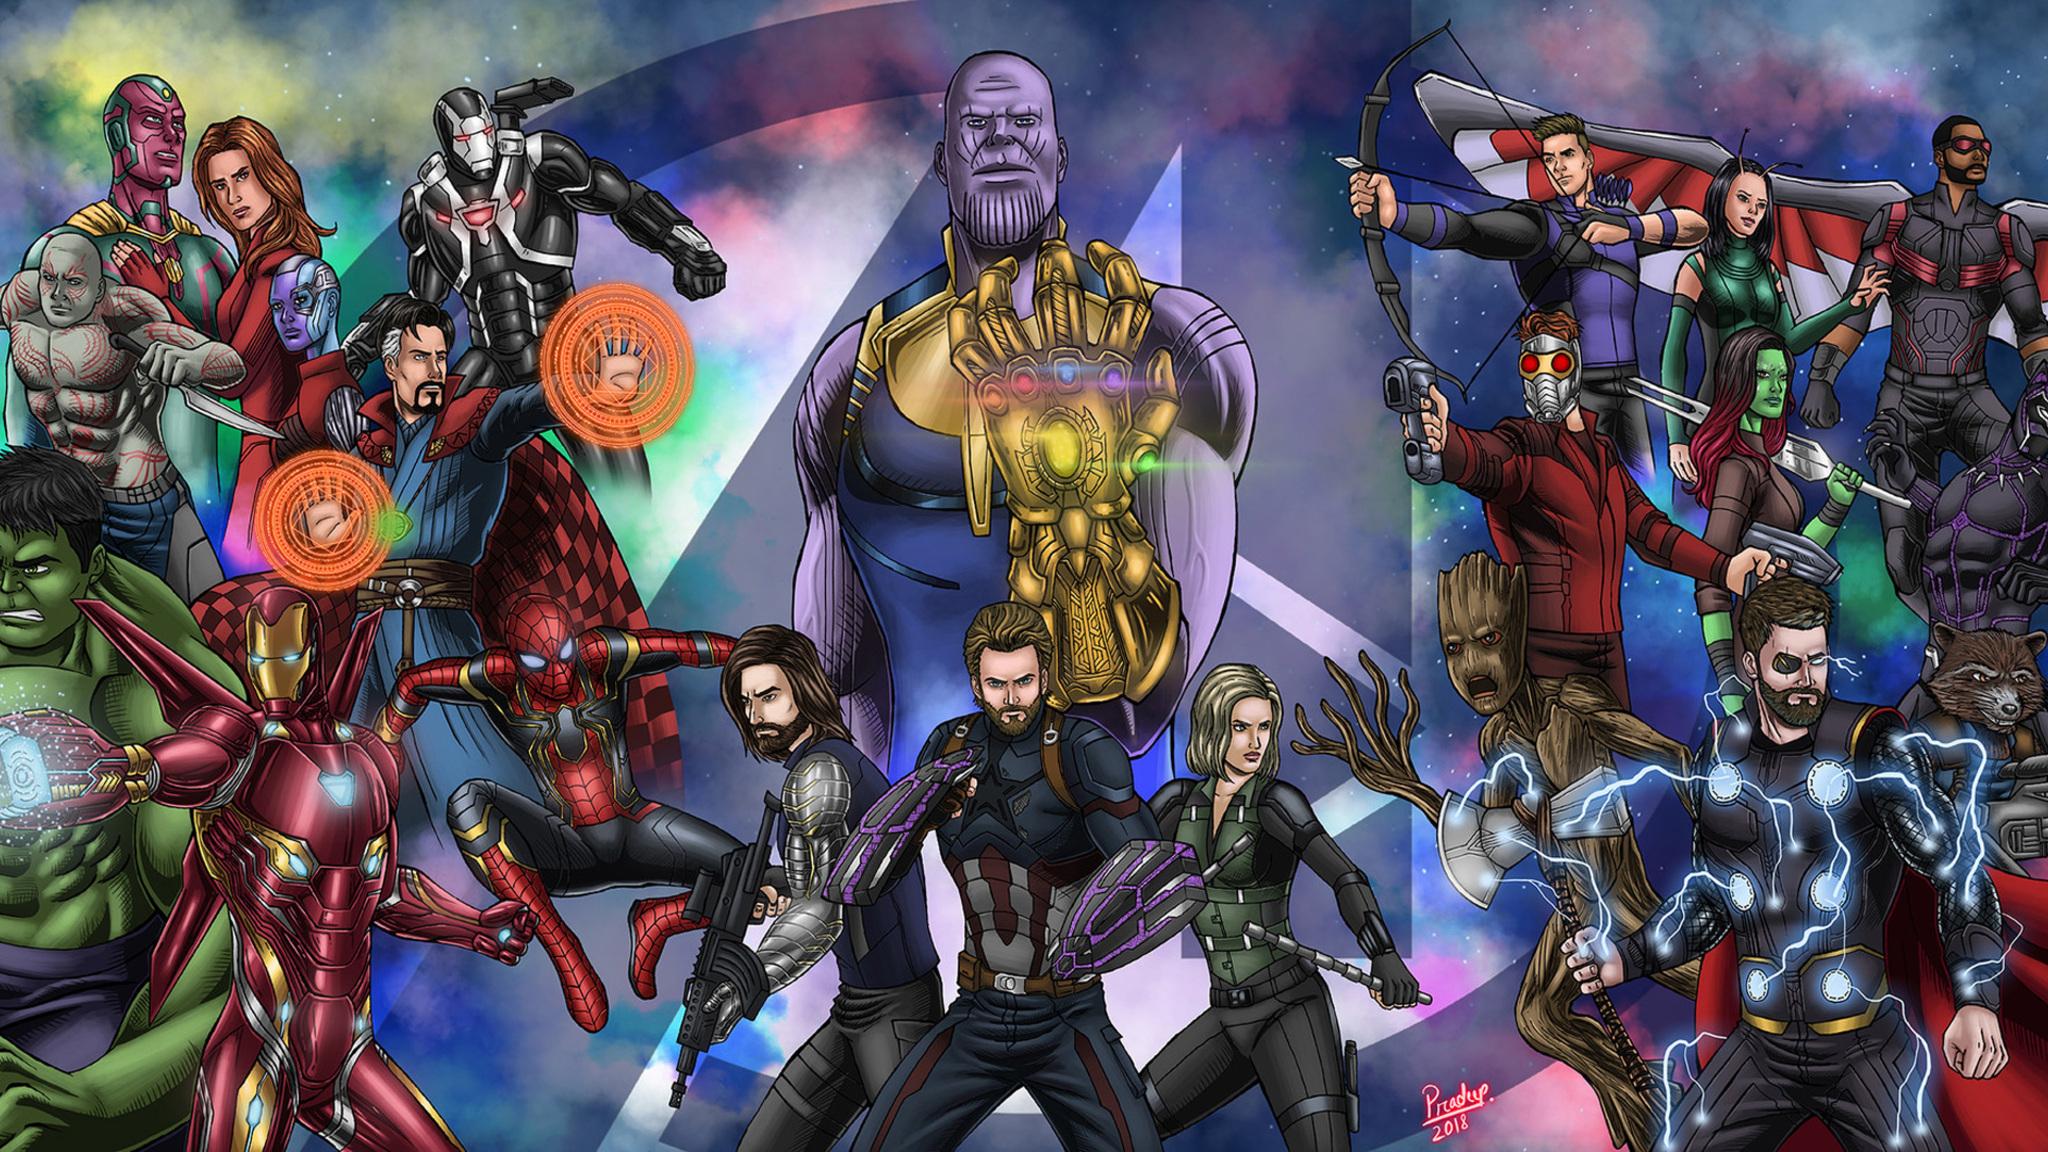 2048x1152 Pubg Fan Art 2048x1152 Resolution Hd 4k: 2048x1152 Avengers Infinity War Fan Art 2048x1152